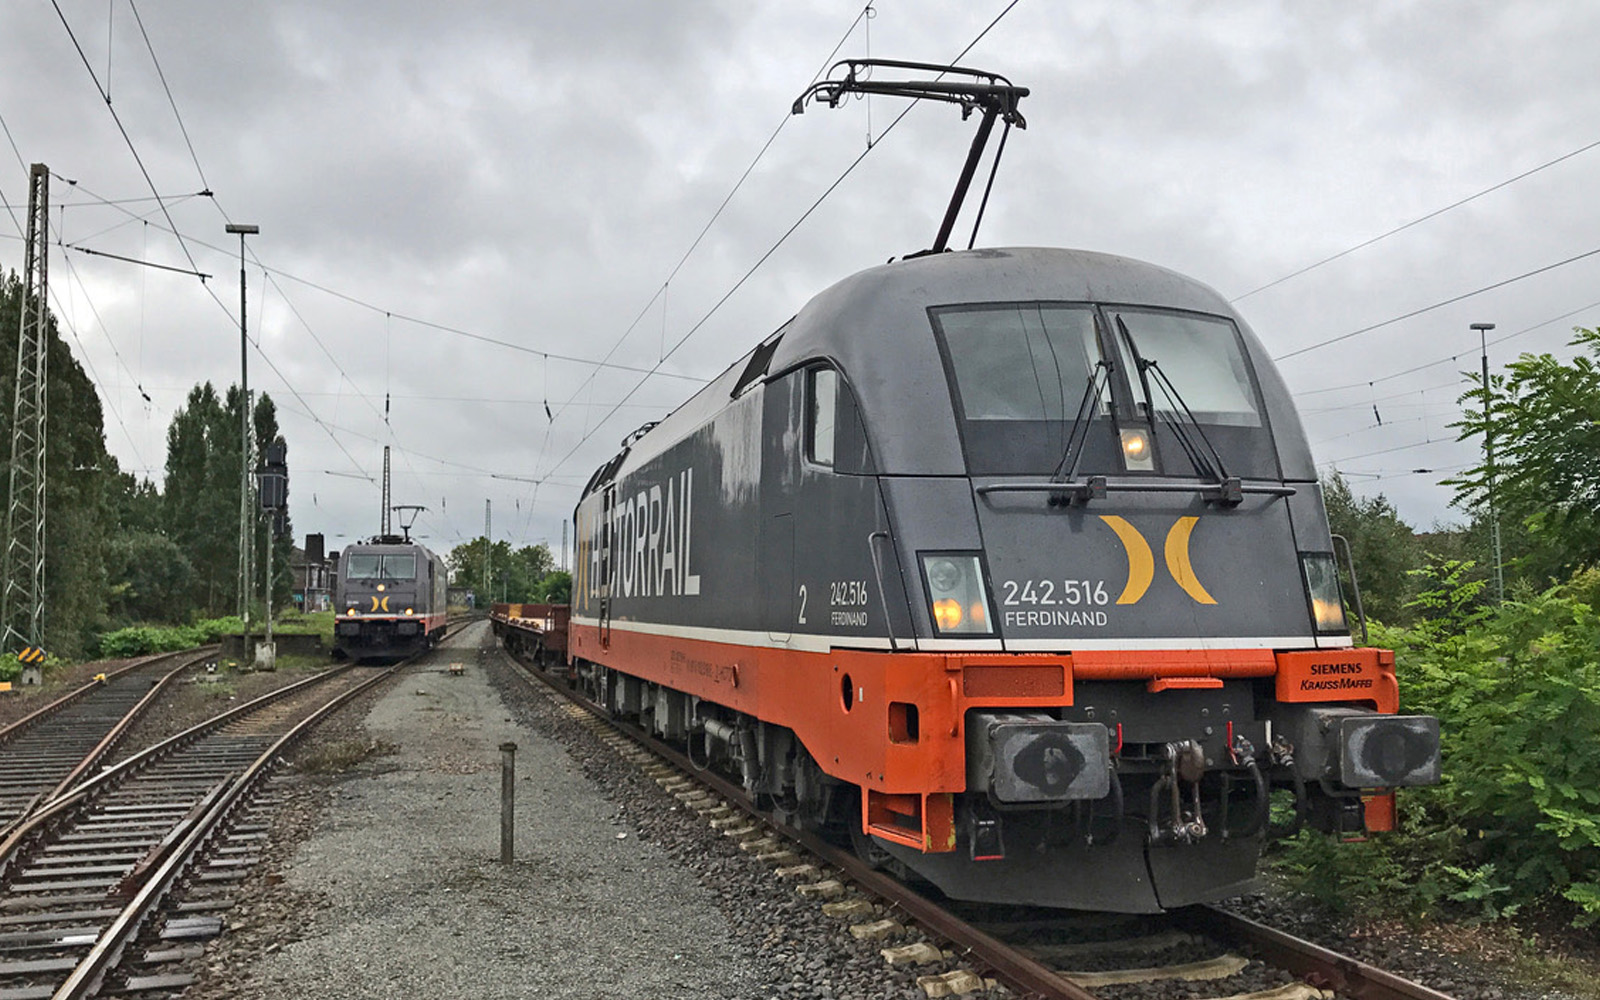 Hector Rail 242.516 Ferdinand unterwegs